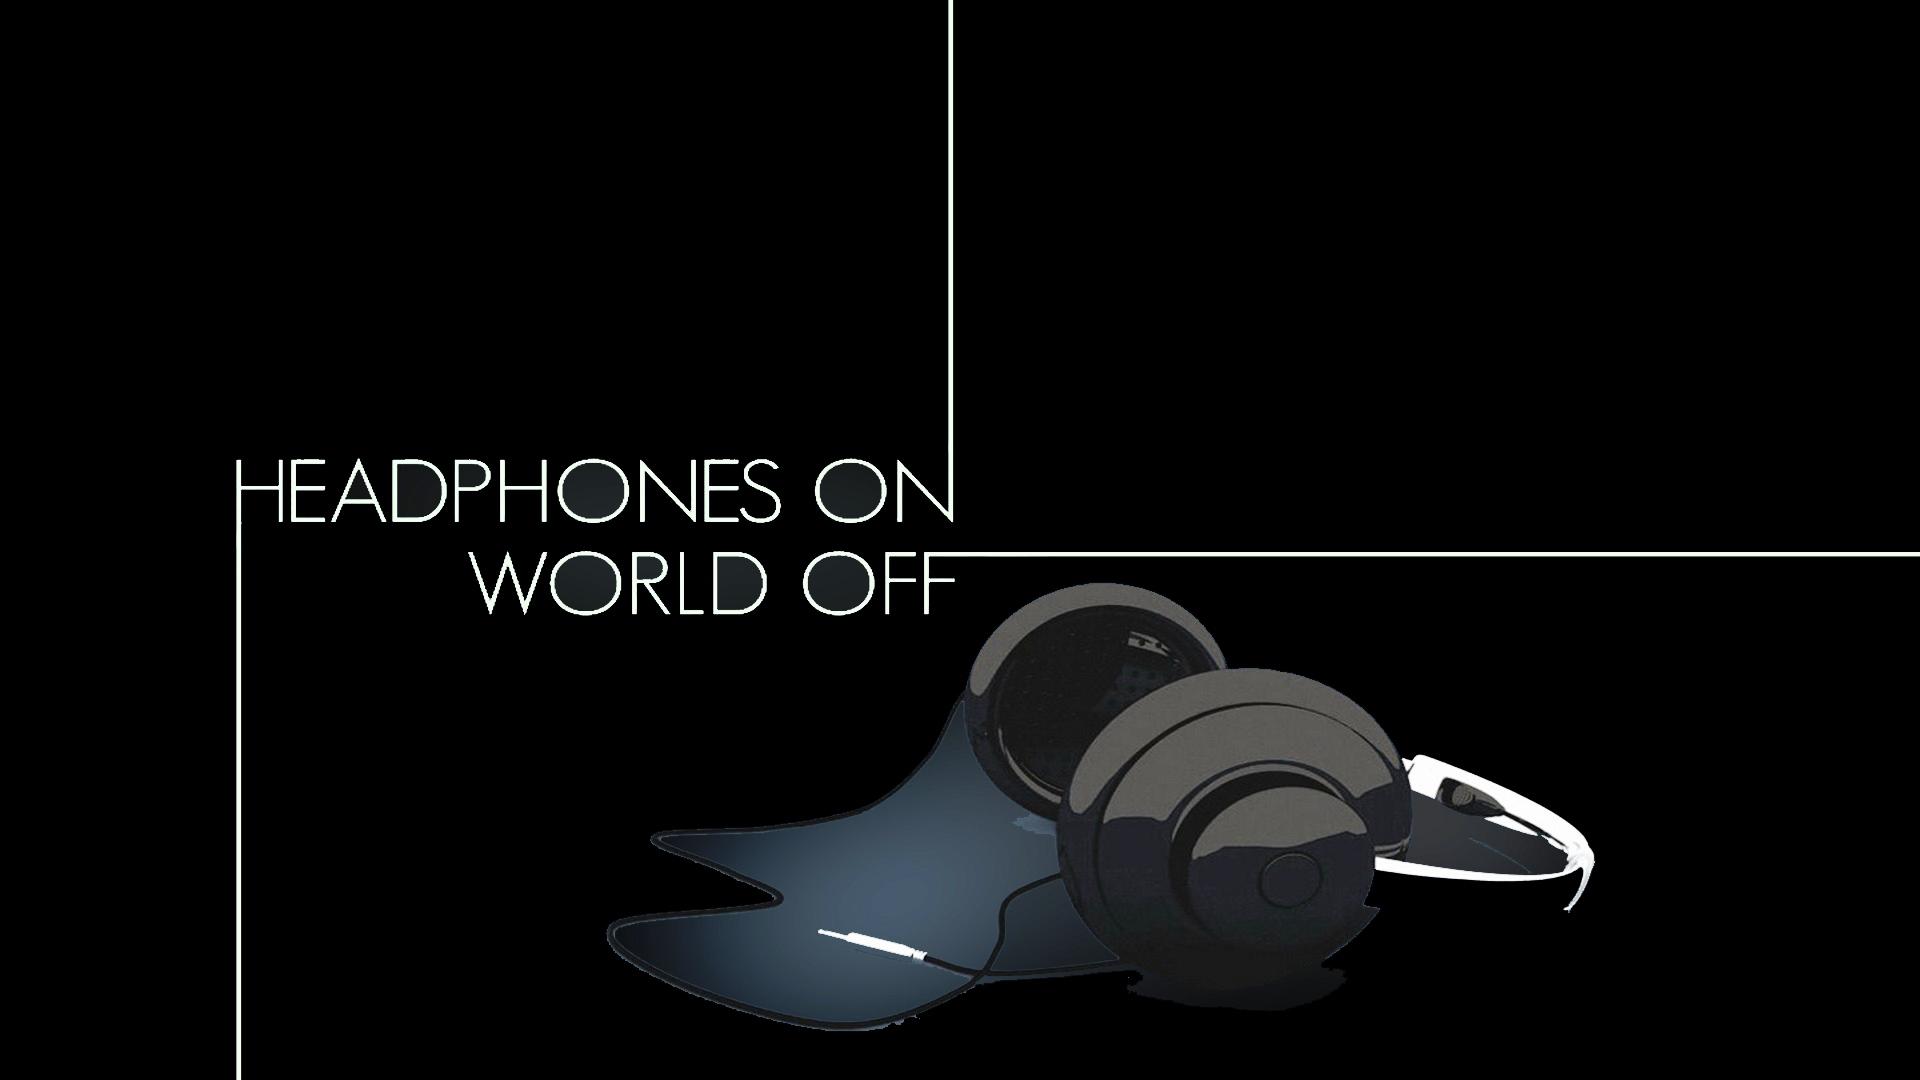 Image Headphones Quote Hd Jpg Youngonespack Wiki Fandom